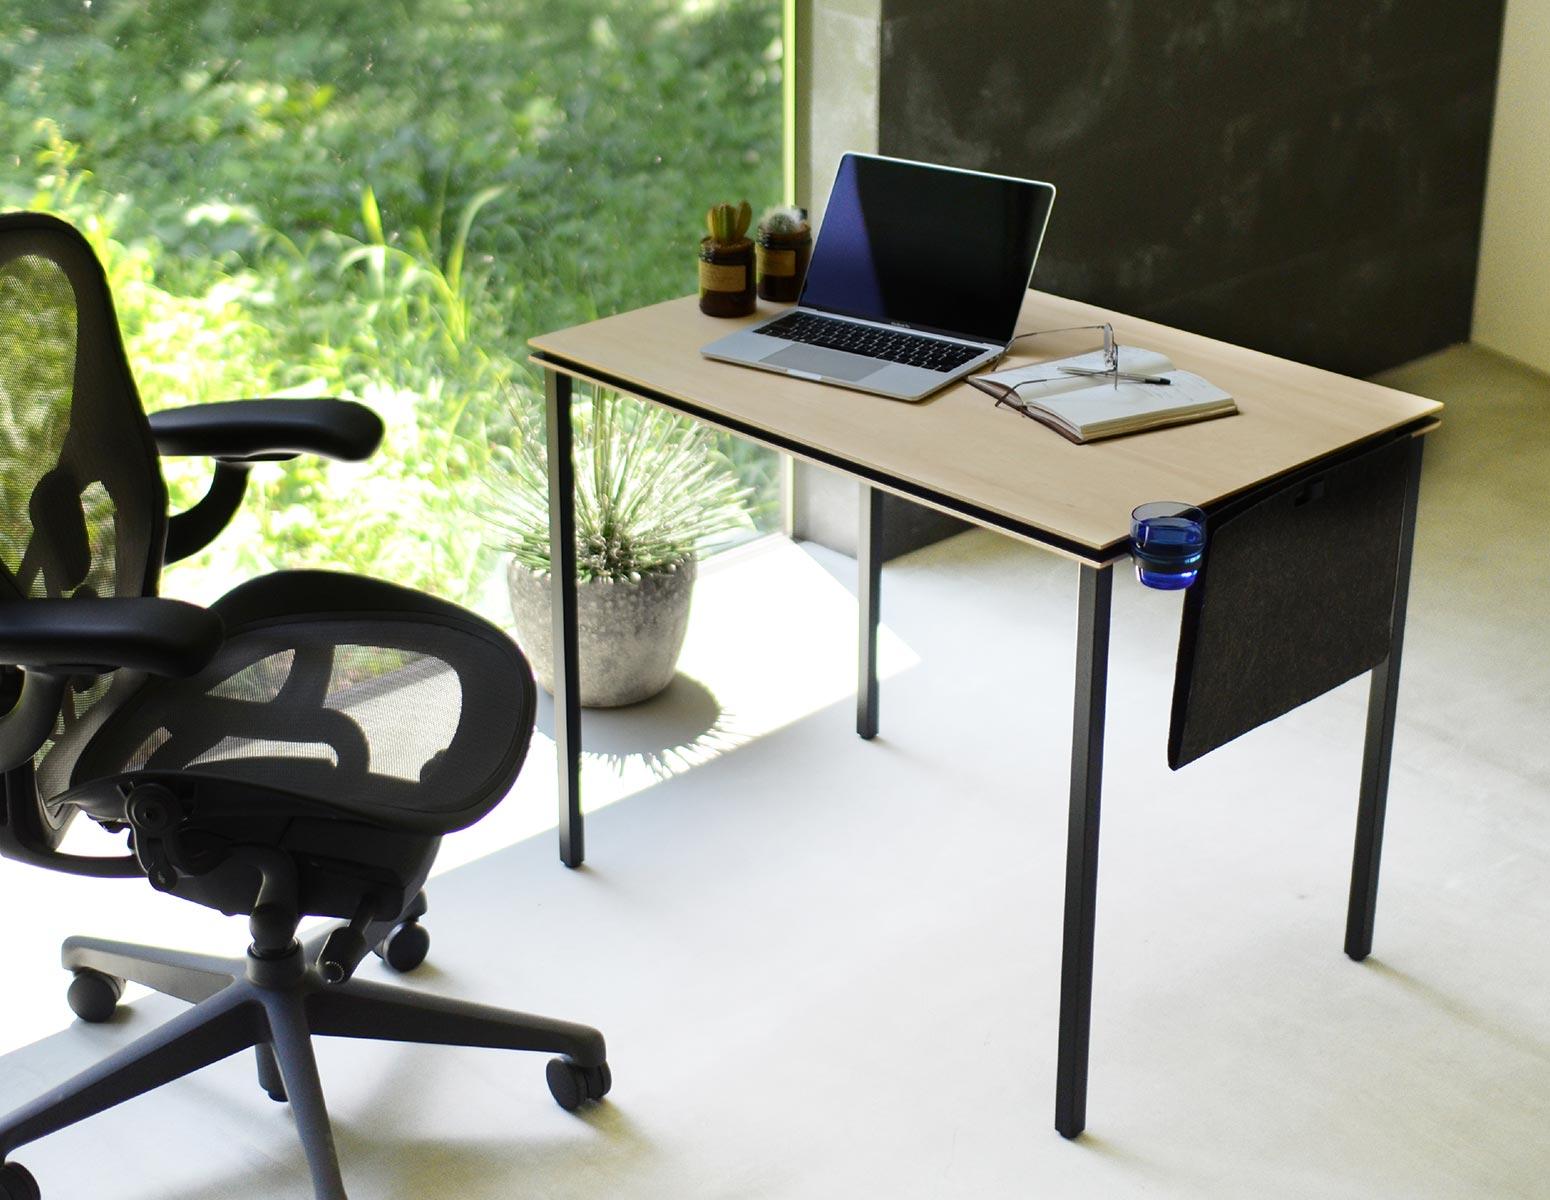 アーロンチェアやセイルチェアなどのオフィスチェアにぴったりのデスク